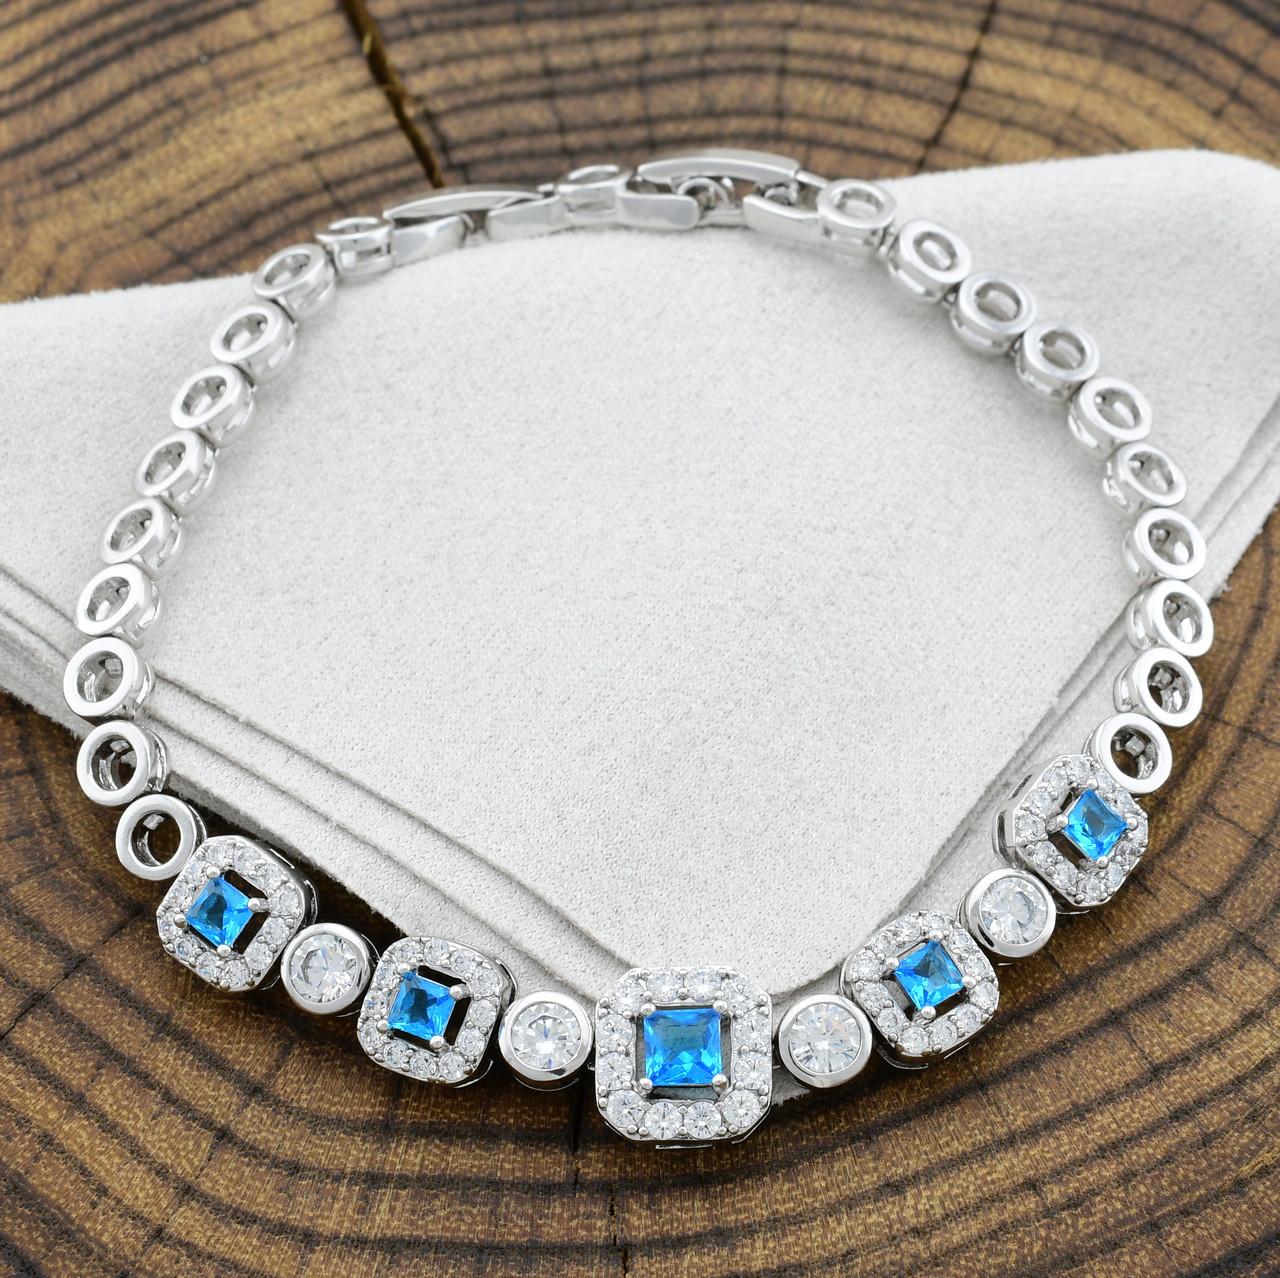 Браслет Xuping 41735 размер 17+2 см ширина 10 мм вес 11.2 г голубые фианиты позолота Белое золото